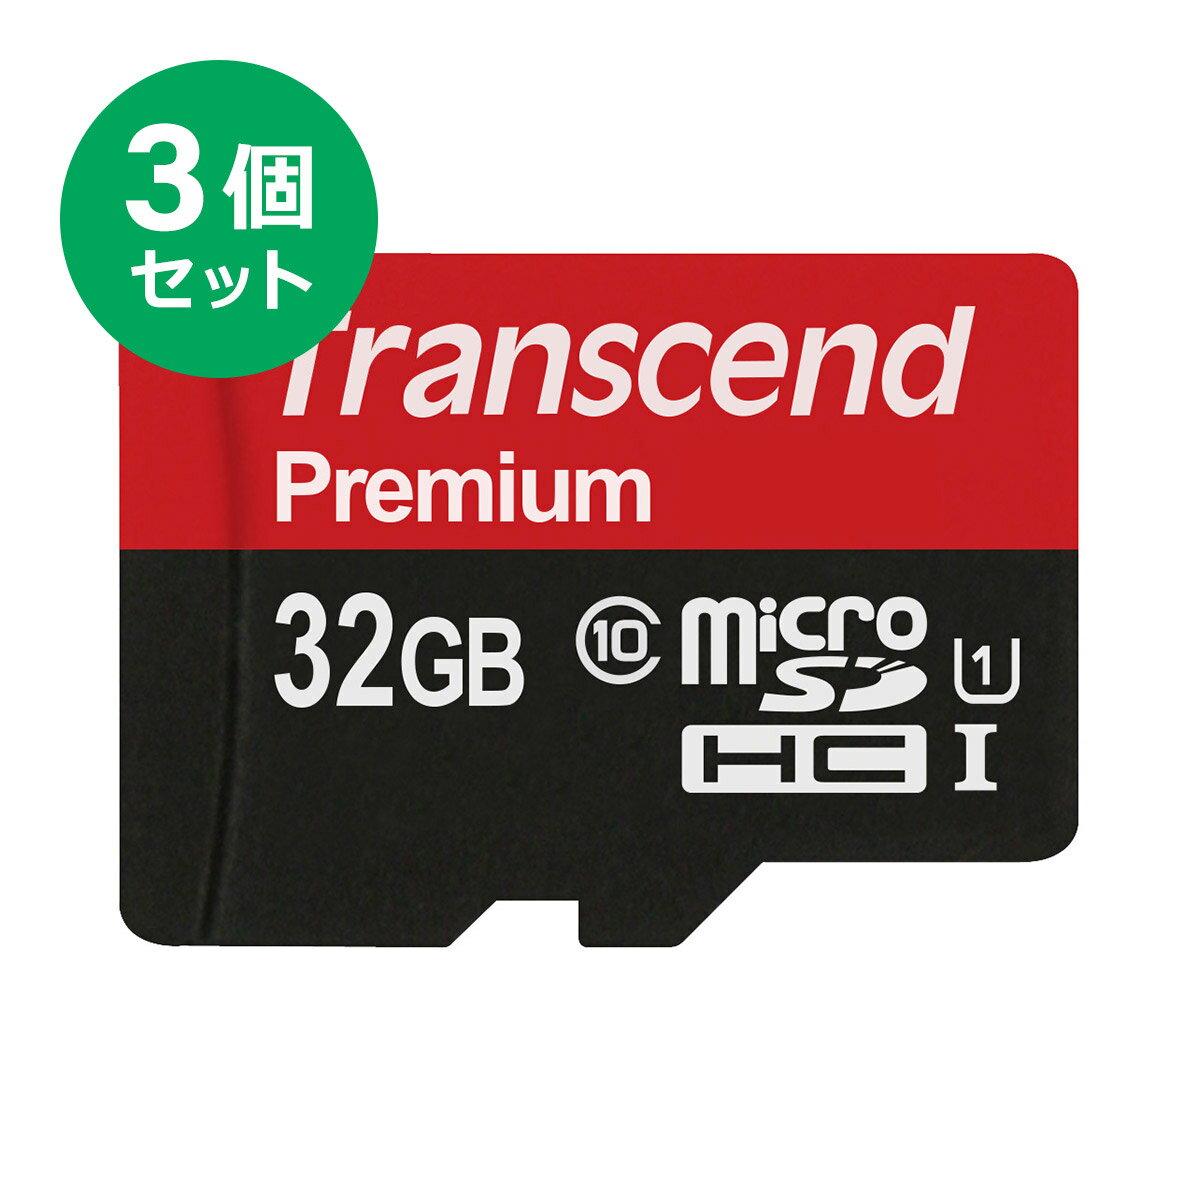 【まとめ割 3個セット】Transcend microSDカード 32GB Class10 UHS-I 5年保証 マイクロSD microSDHC 最大転送速度60MB/s クラス10 スマホ SD 入学 卒業[TS32GUSDCU1]【ネコポス対応】【楽天BOX受取対象商品】